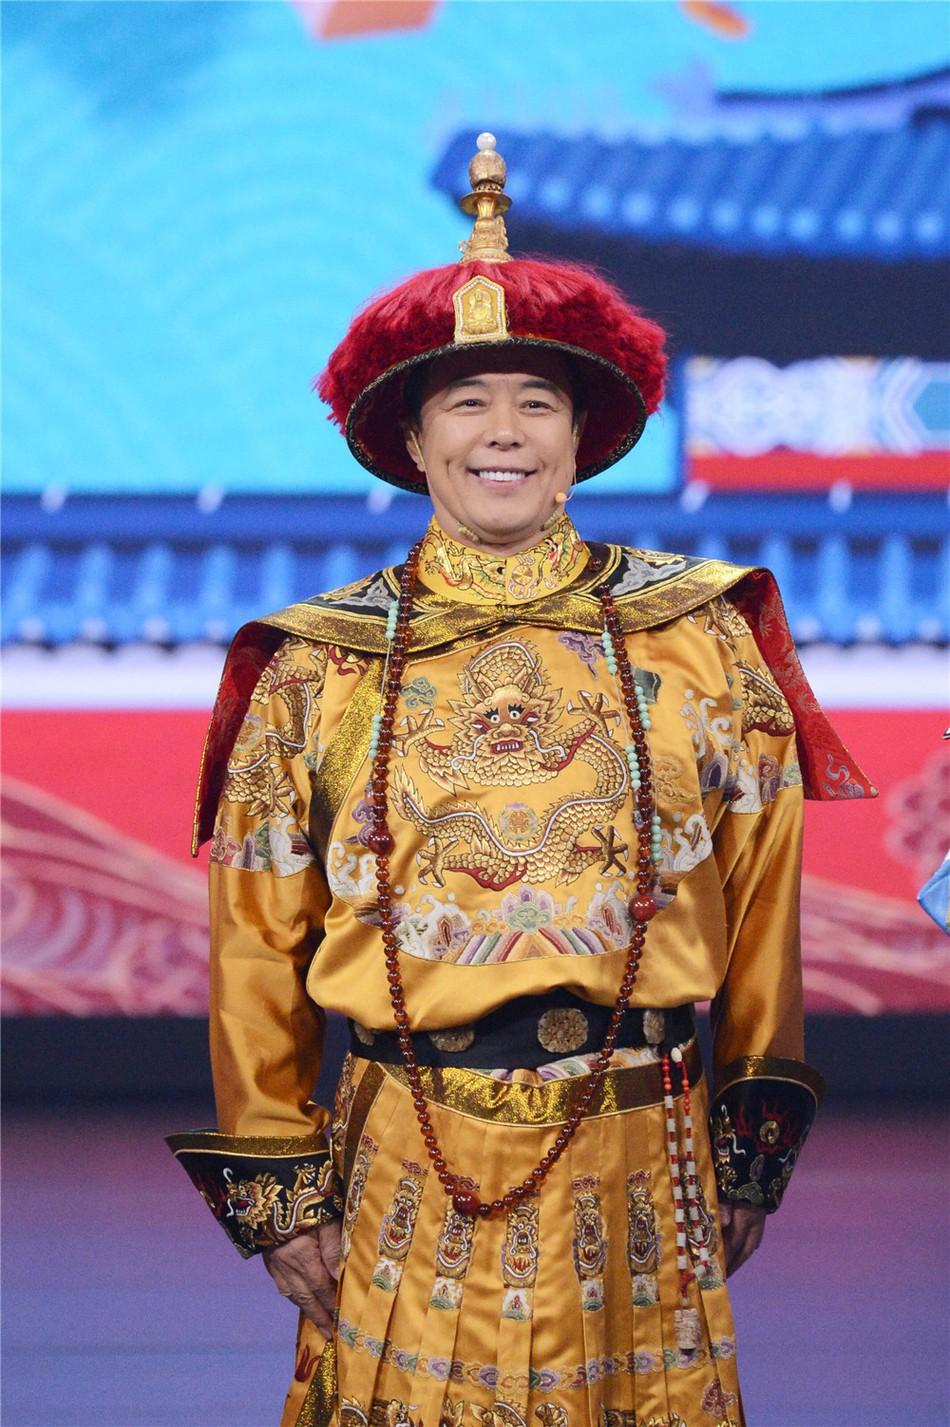 Chùm ảnh xúc động: Hoàng A Mã cùng bà nội Tiểu Yến Tử bất ngờ tái ngộ sau 20 năm phát sóng Hoàn Châu Cách Cách - Ảnh 5.